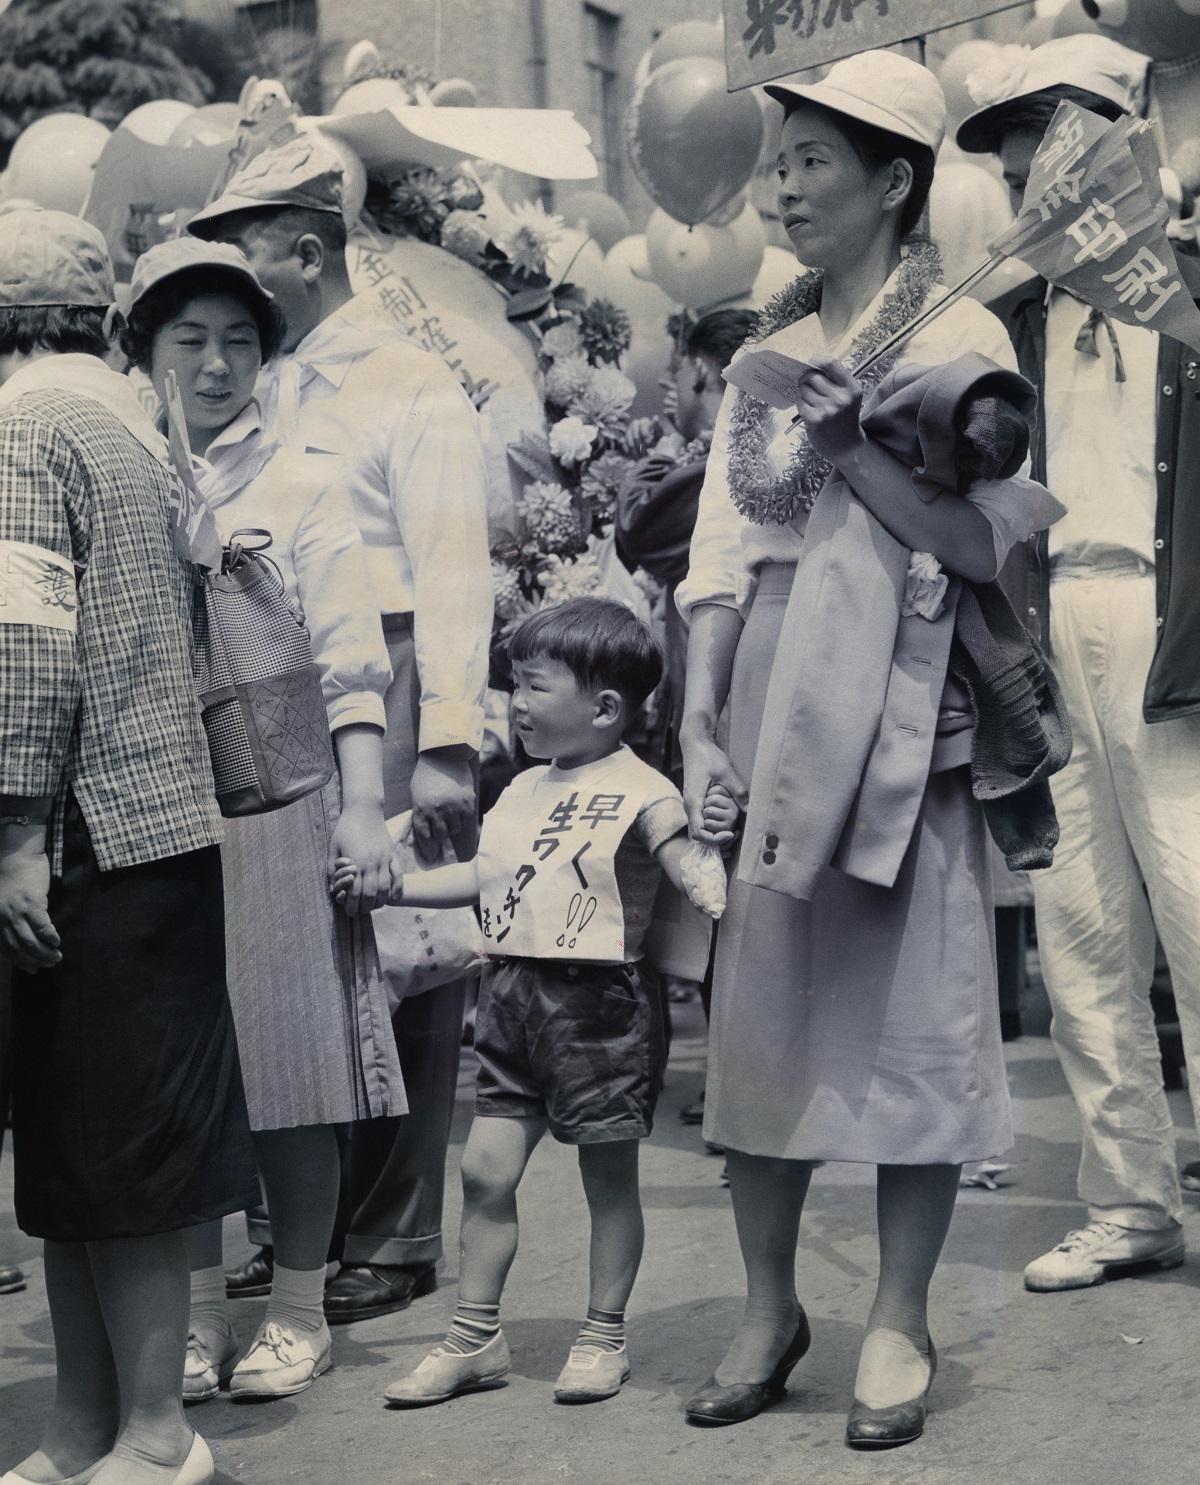 1961年 第32回メーデー 小児マヒワクチン配布を訴える子ども